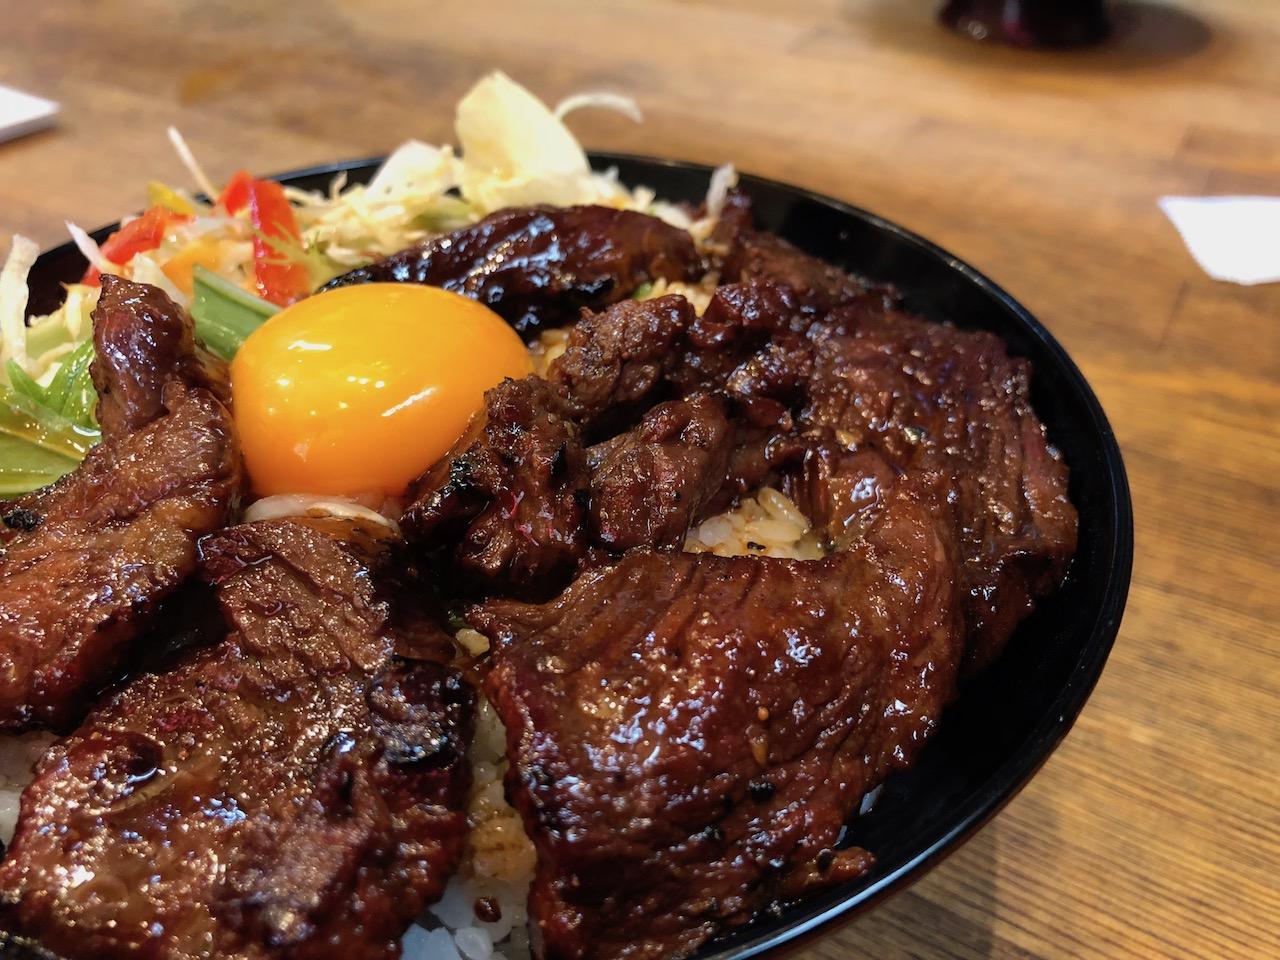 お肉大好き!想像しただけでヨダレが・・・すみきちのカルビ丼が美味すぎる